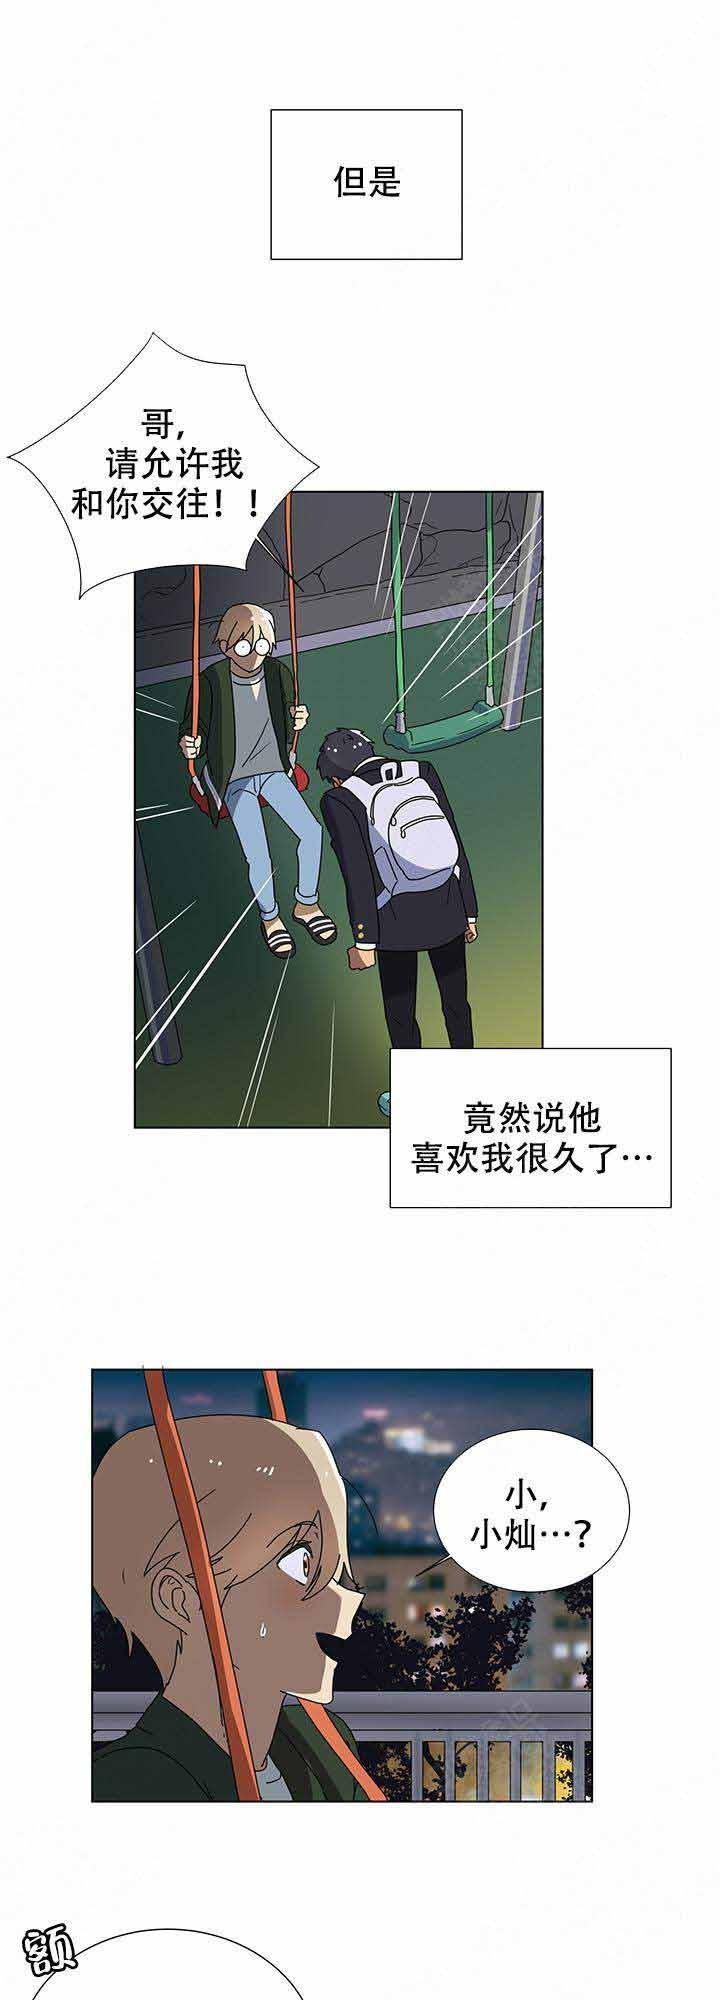 就算是谎言-纯爱漫画完整版汉化_全集在线阅读首发-啵乐漫画